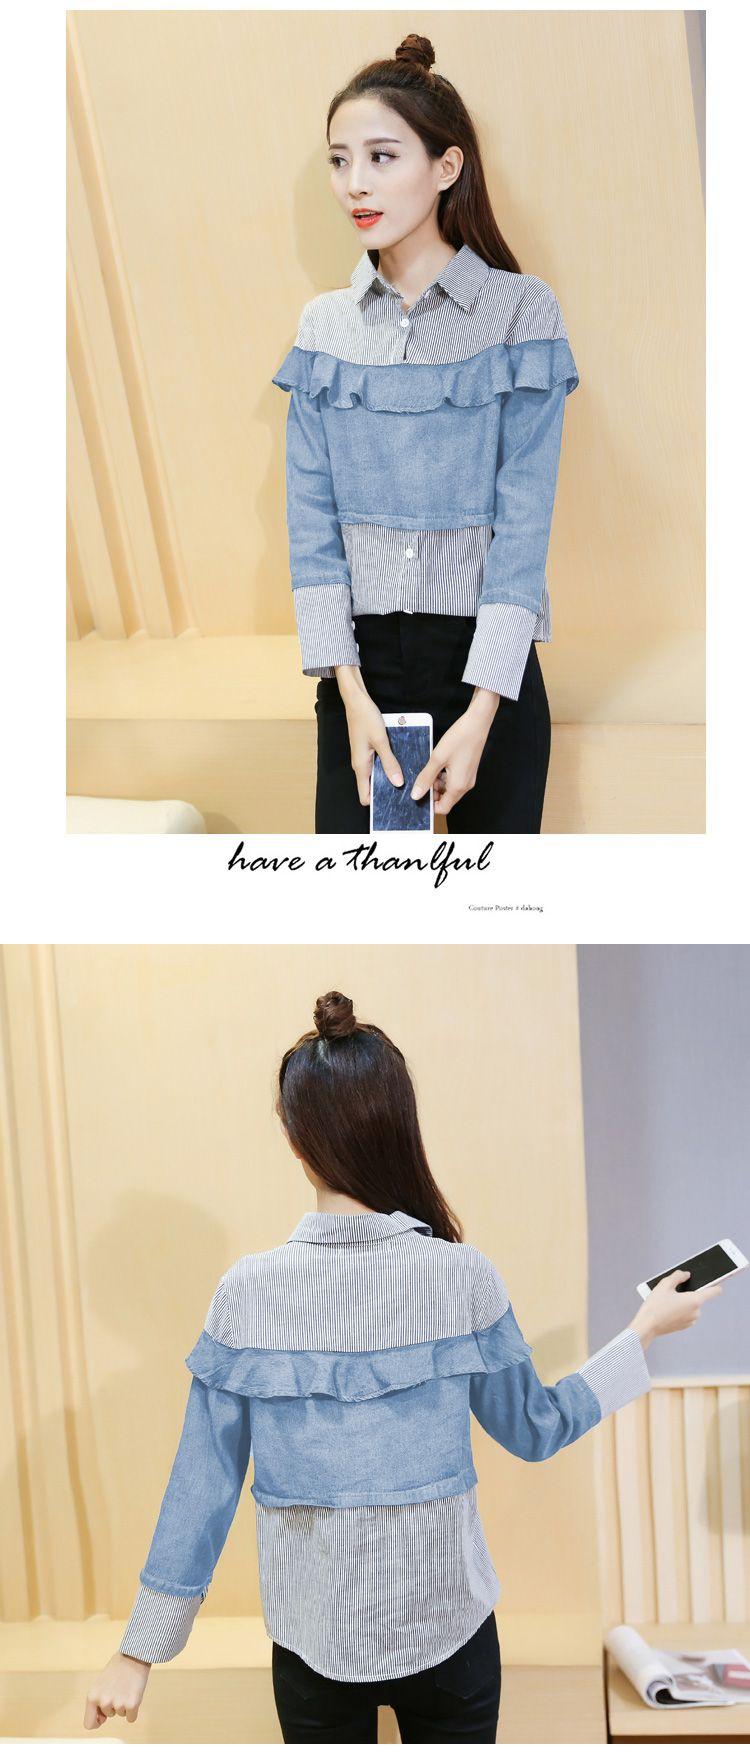 Купить женские джинсовые рубашки недорого - это просто! Джинсовые рубашки с  ТаоБао! a95f1a452ae5f